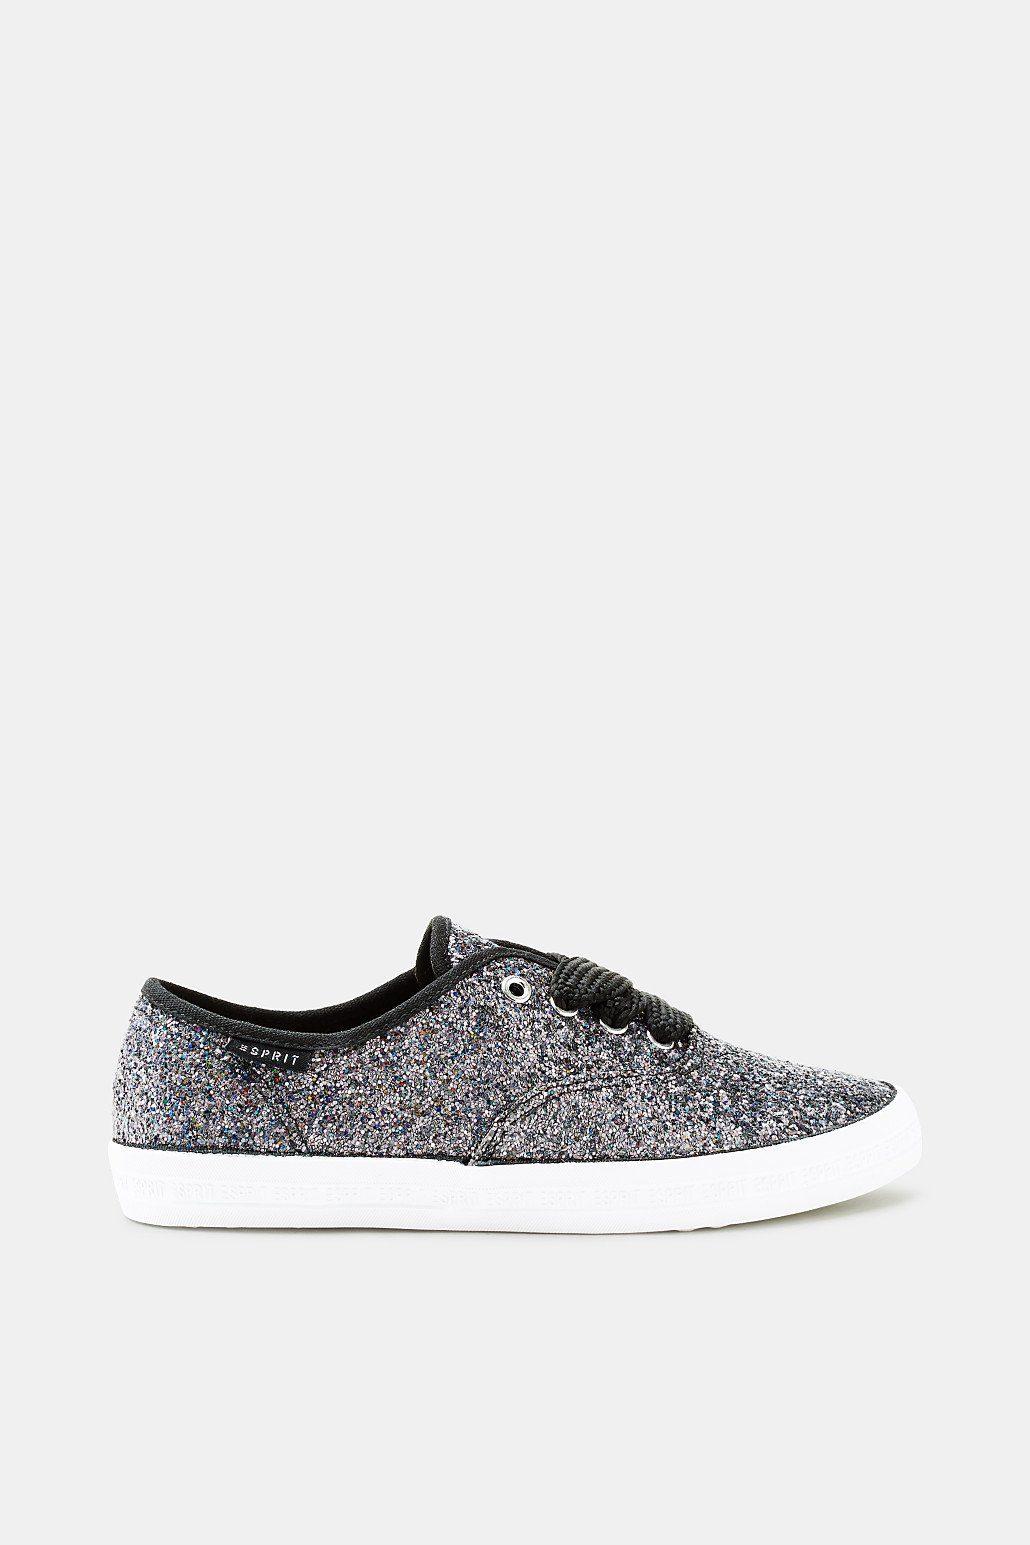 Esprit ESPRIT Textil-Sneaker mit markanten Schnürbändern, weiß, WHITE